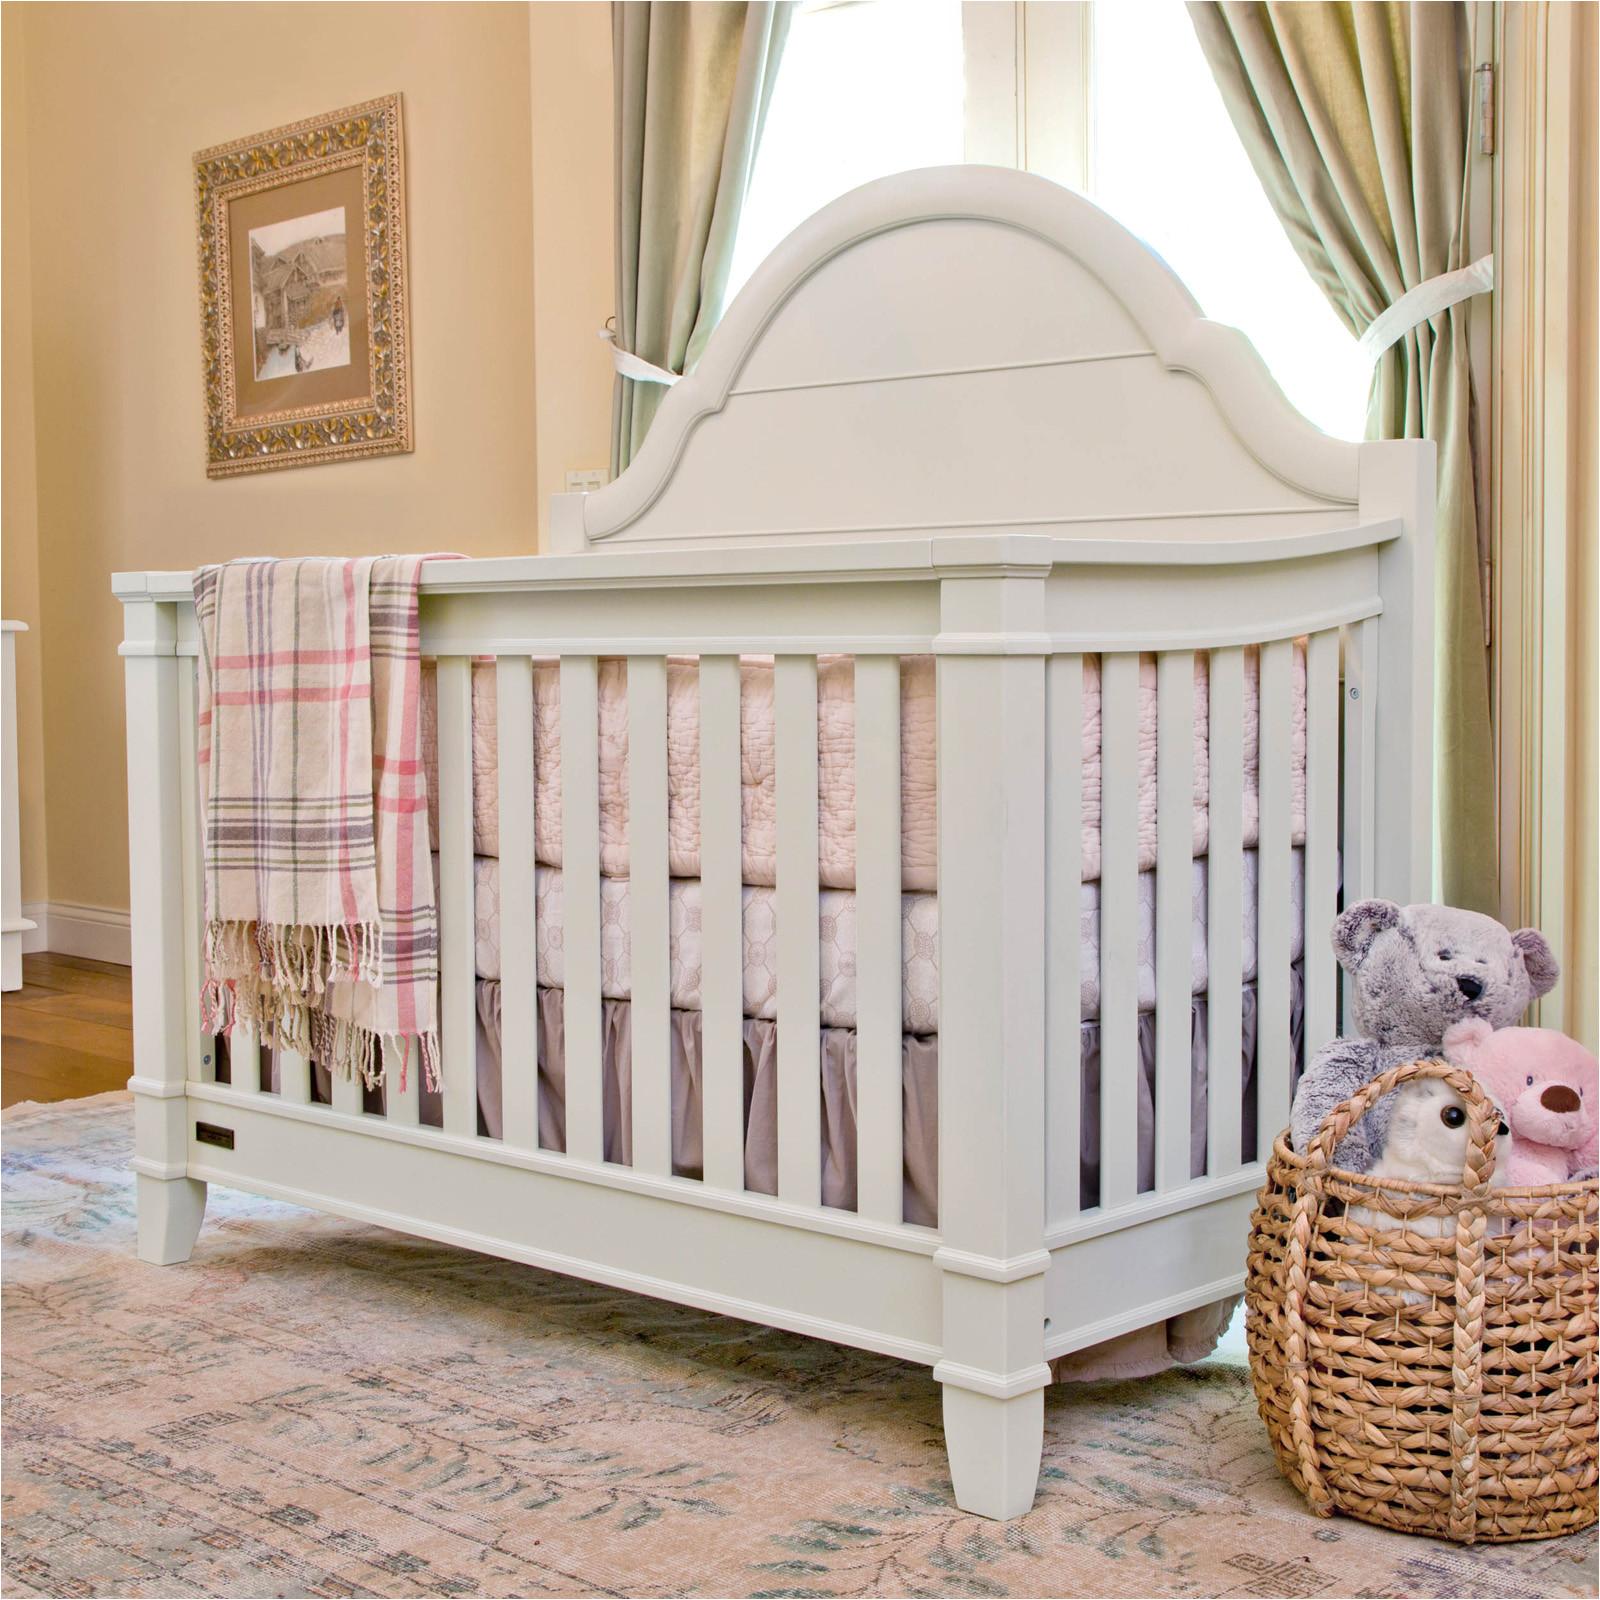 white convertible crib save a shop convertible cribs